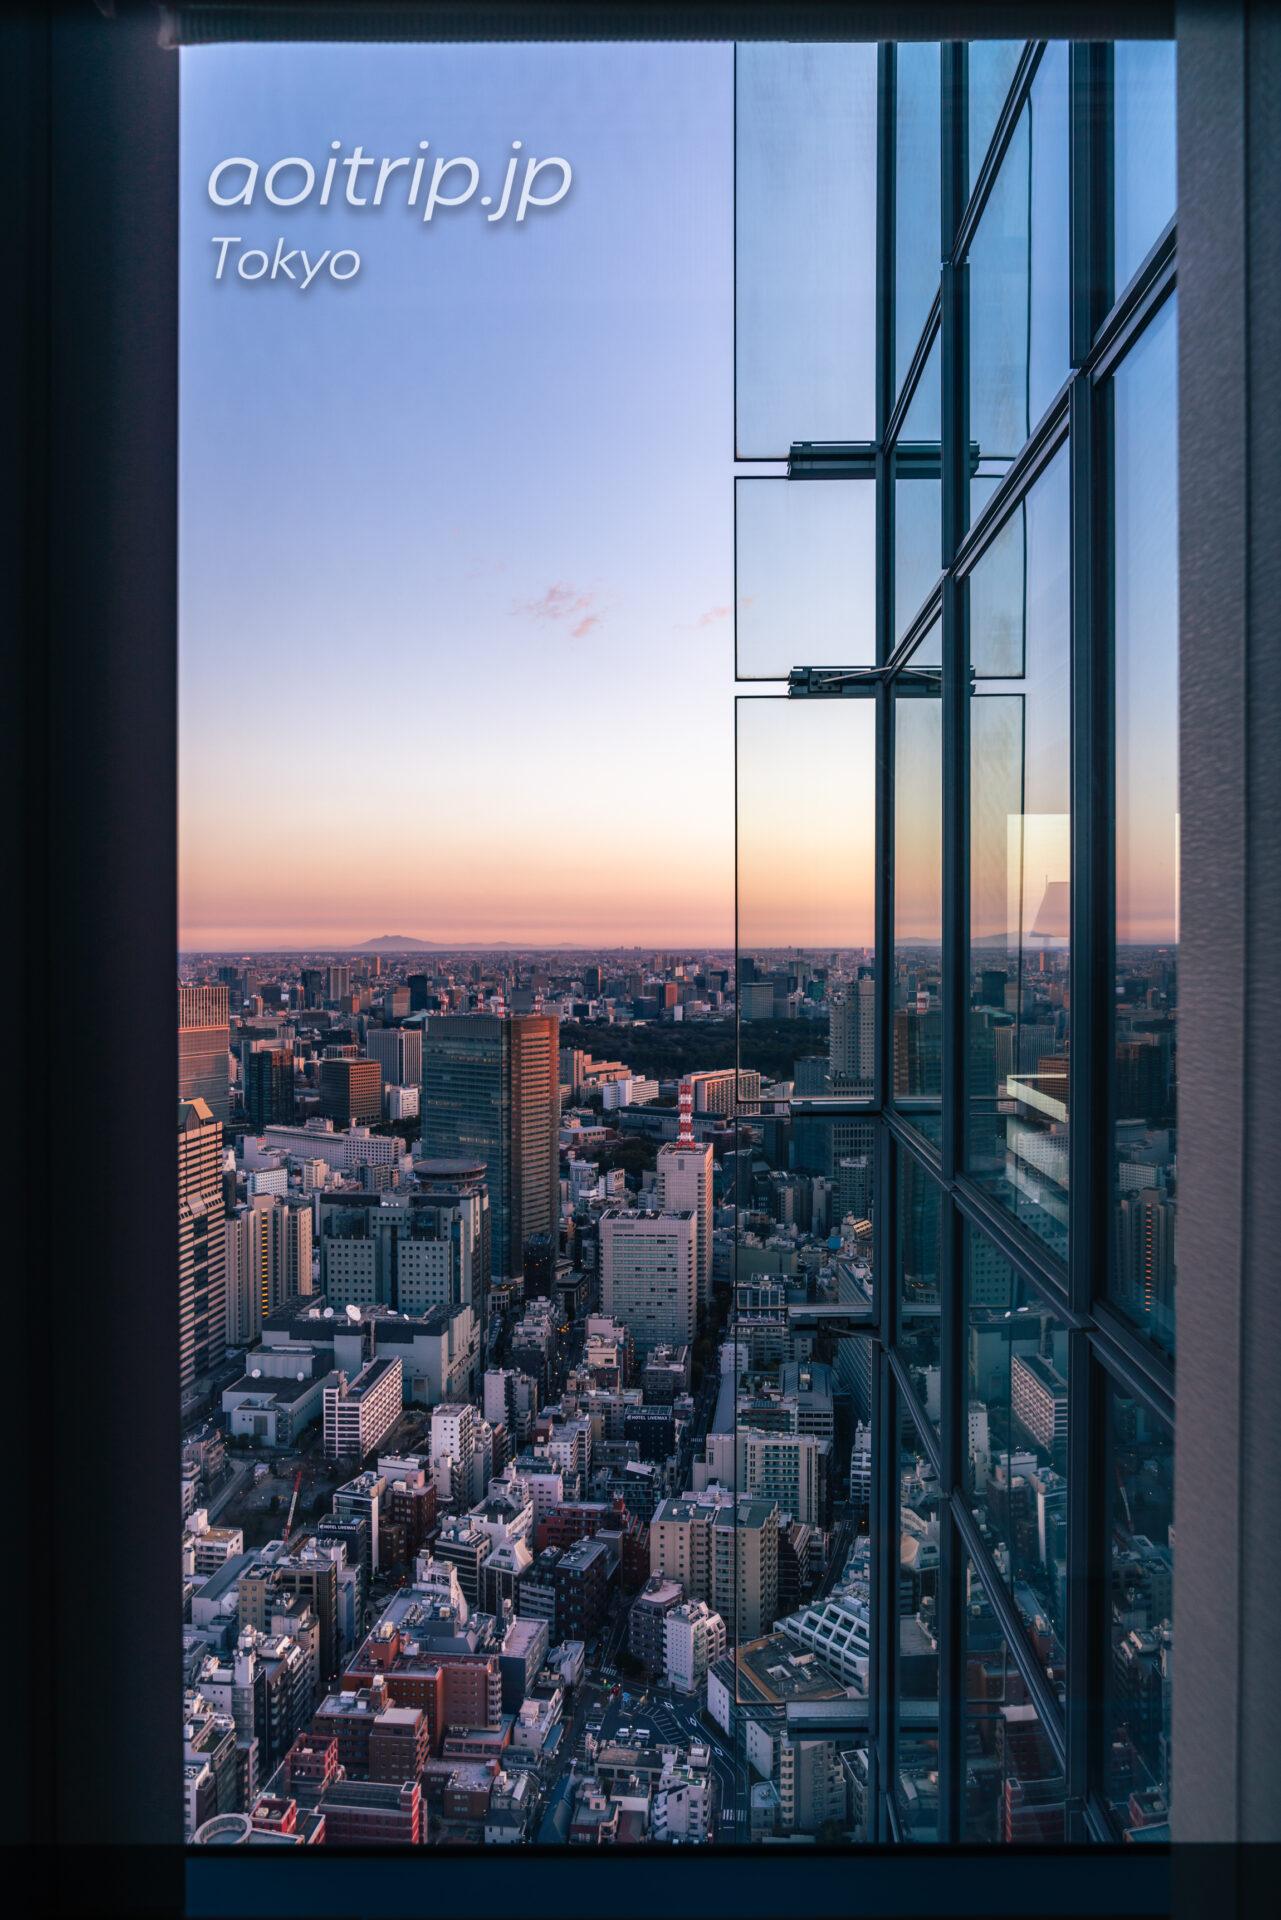 ザ リッツカールトン東京の眺望・景色